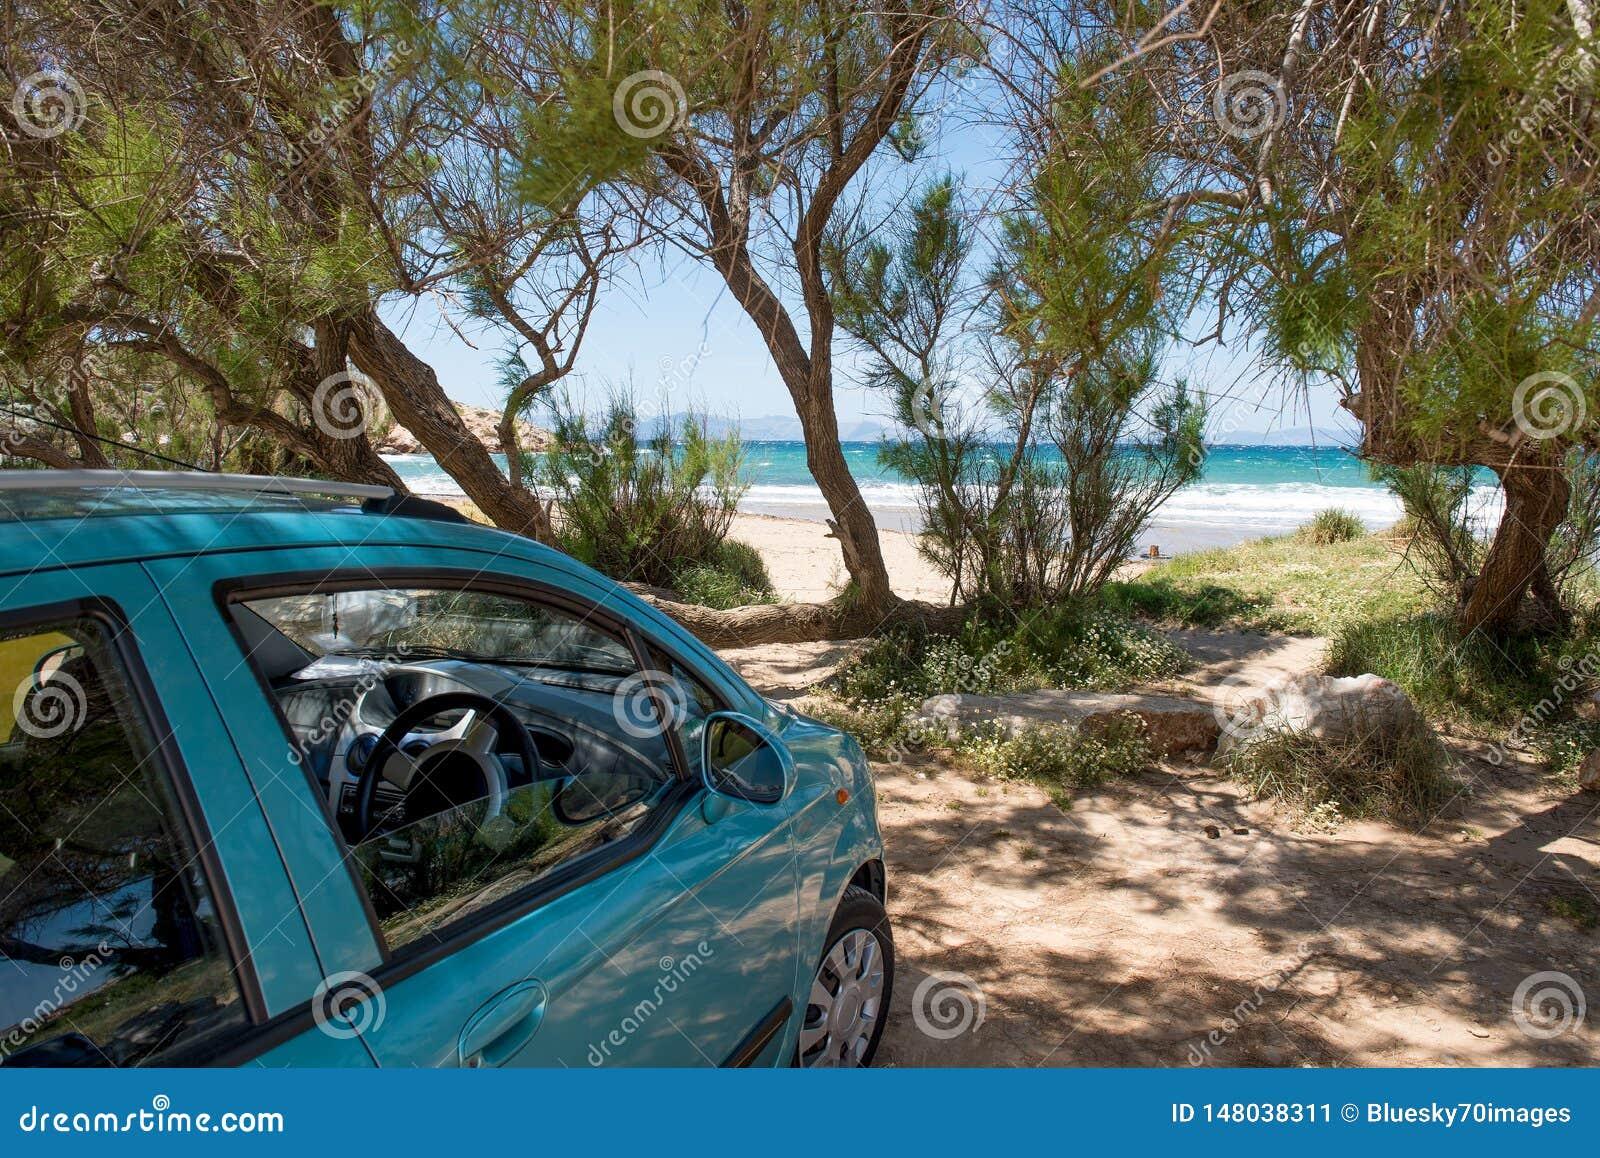 Зеленый автомобиль припаркованный на пляже песка под деревьями